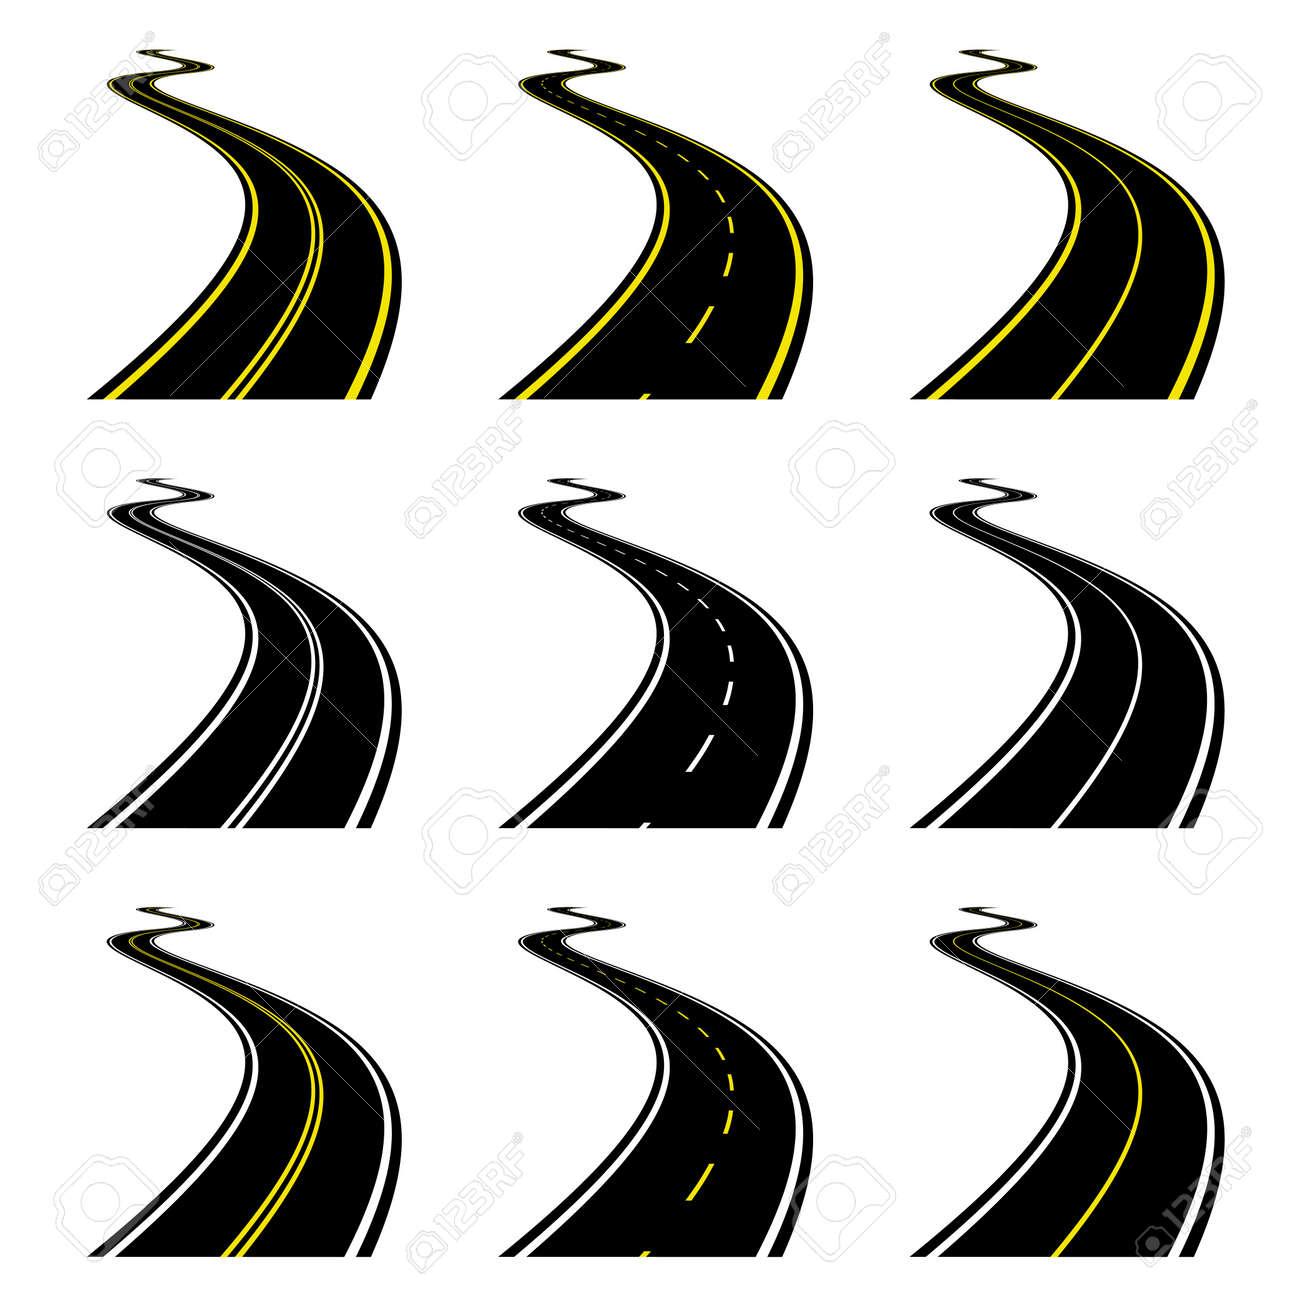 vector roads Stock Vector - 11504960